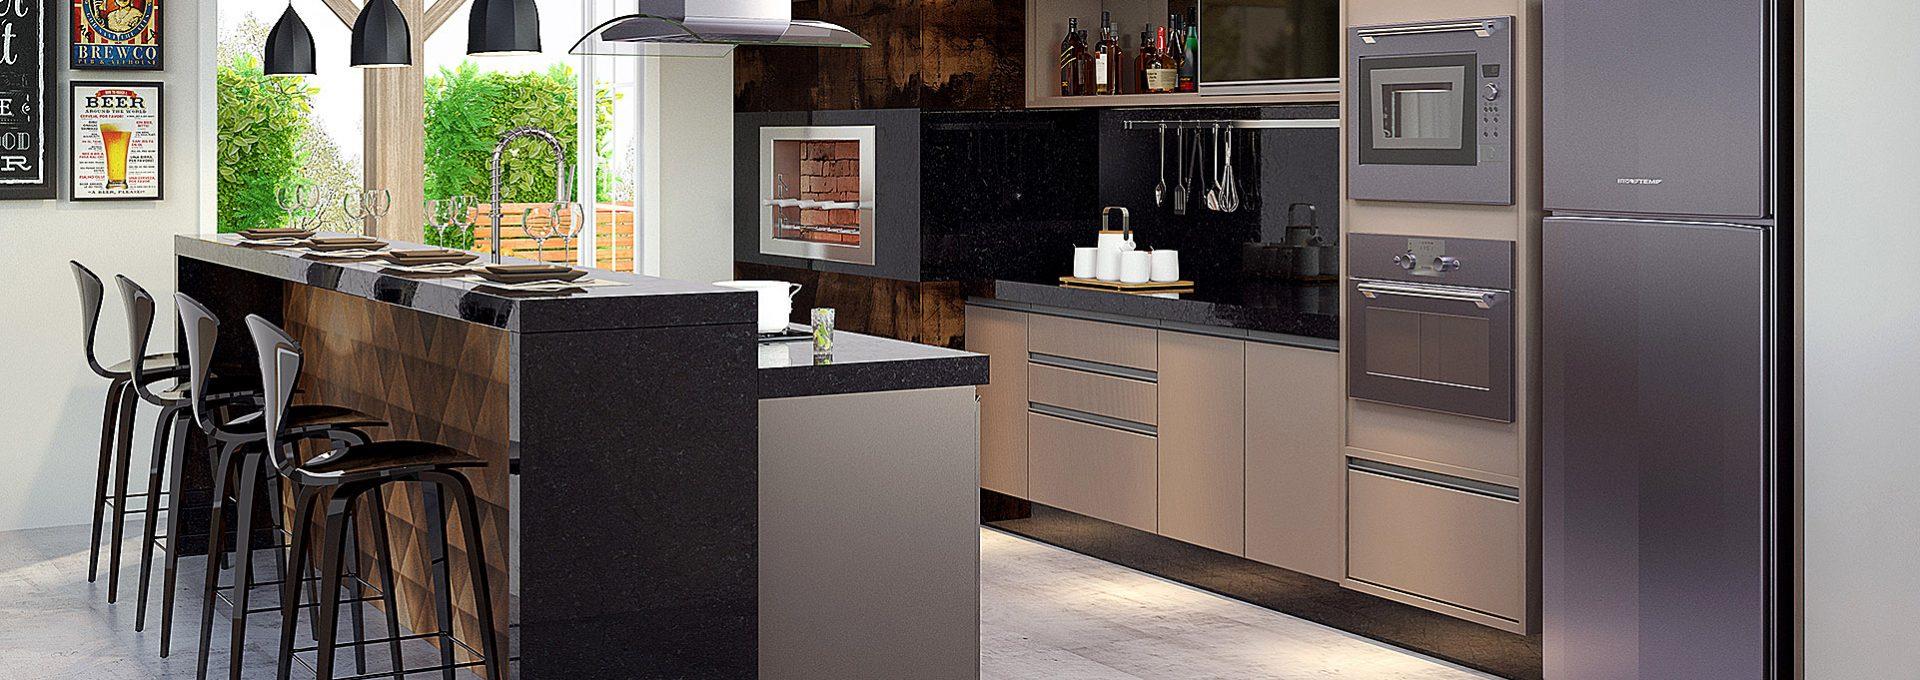 Área Gourmet da Nova Soluções em imagem 3D produzida pelo Studio 25